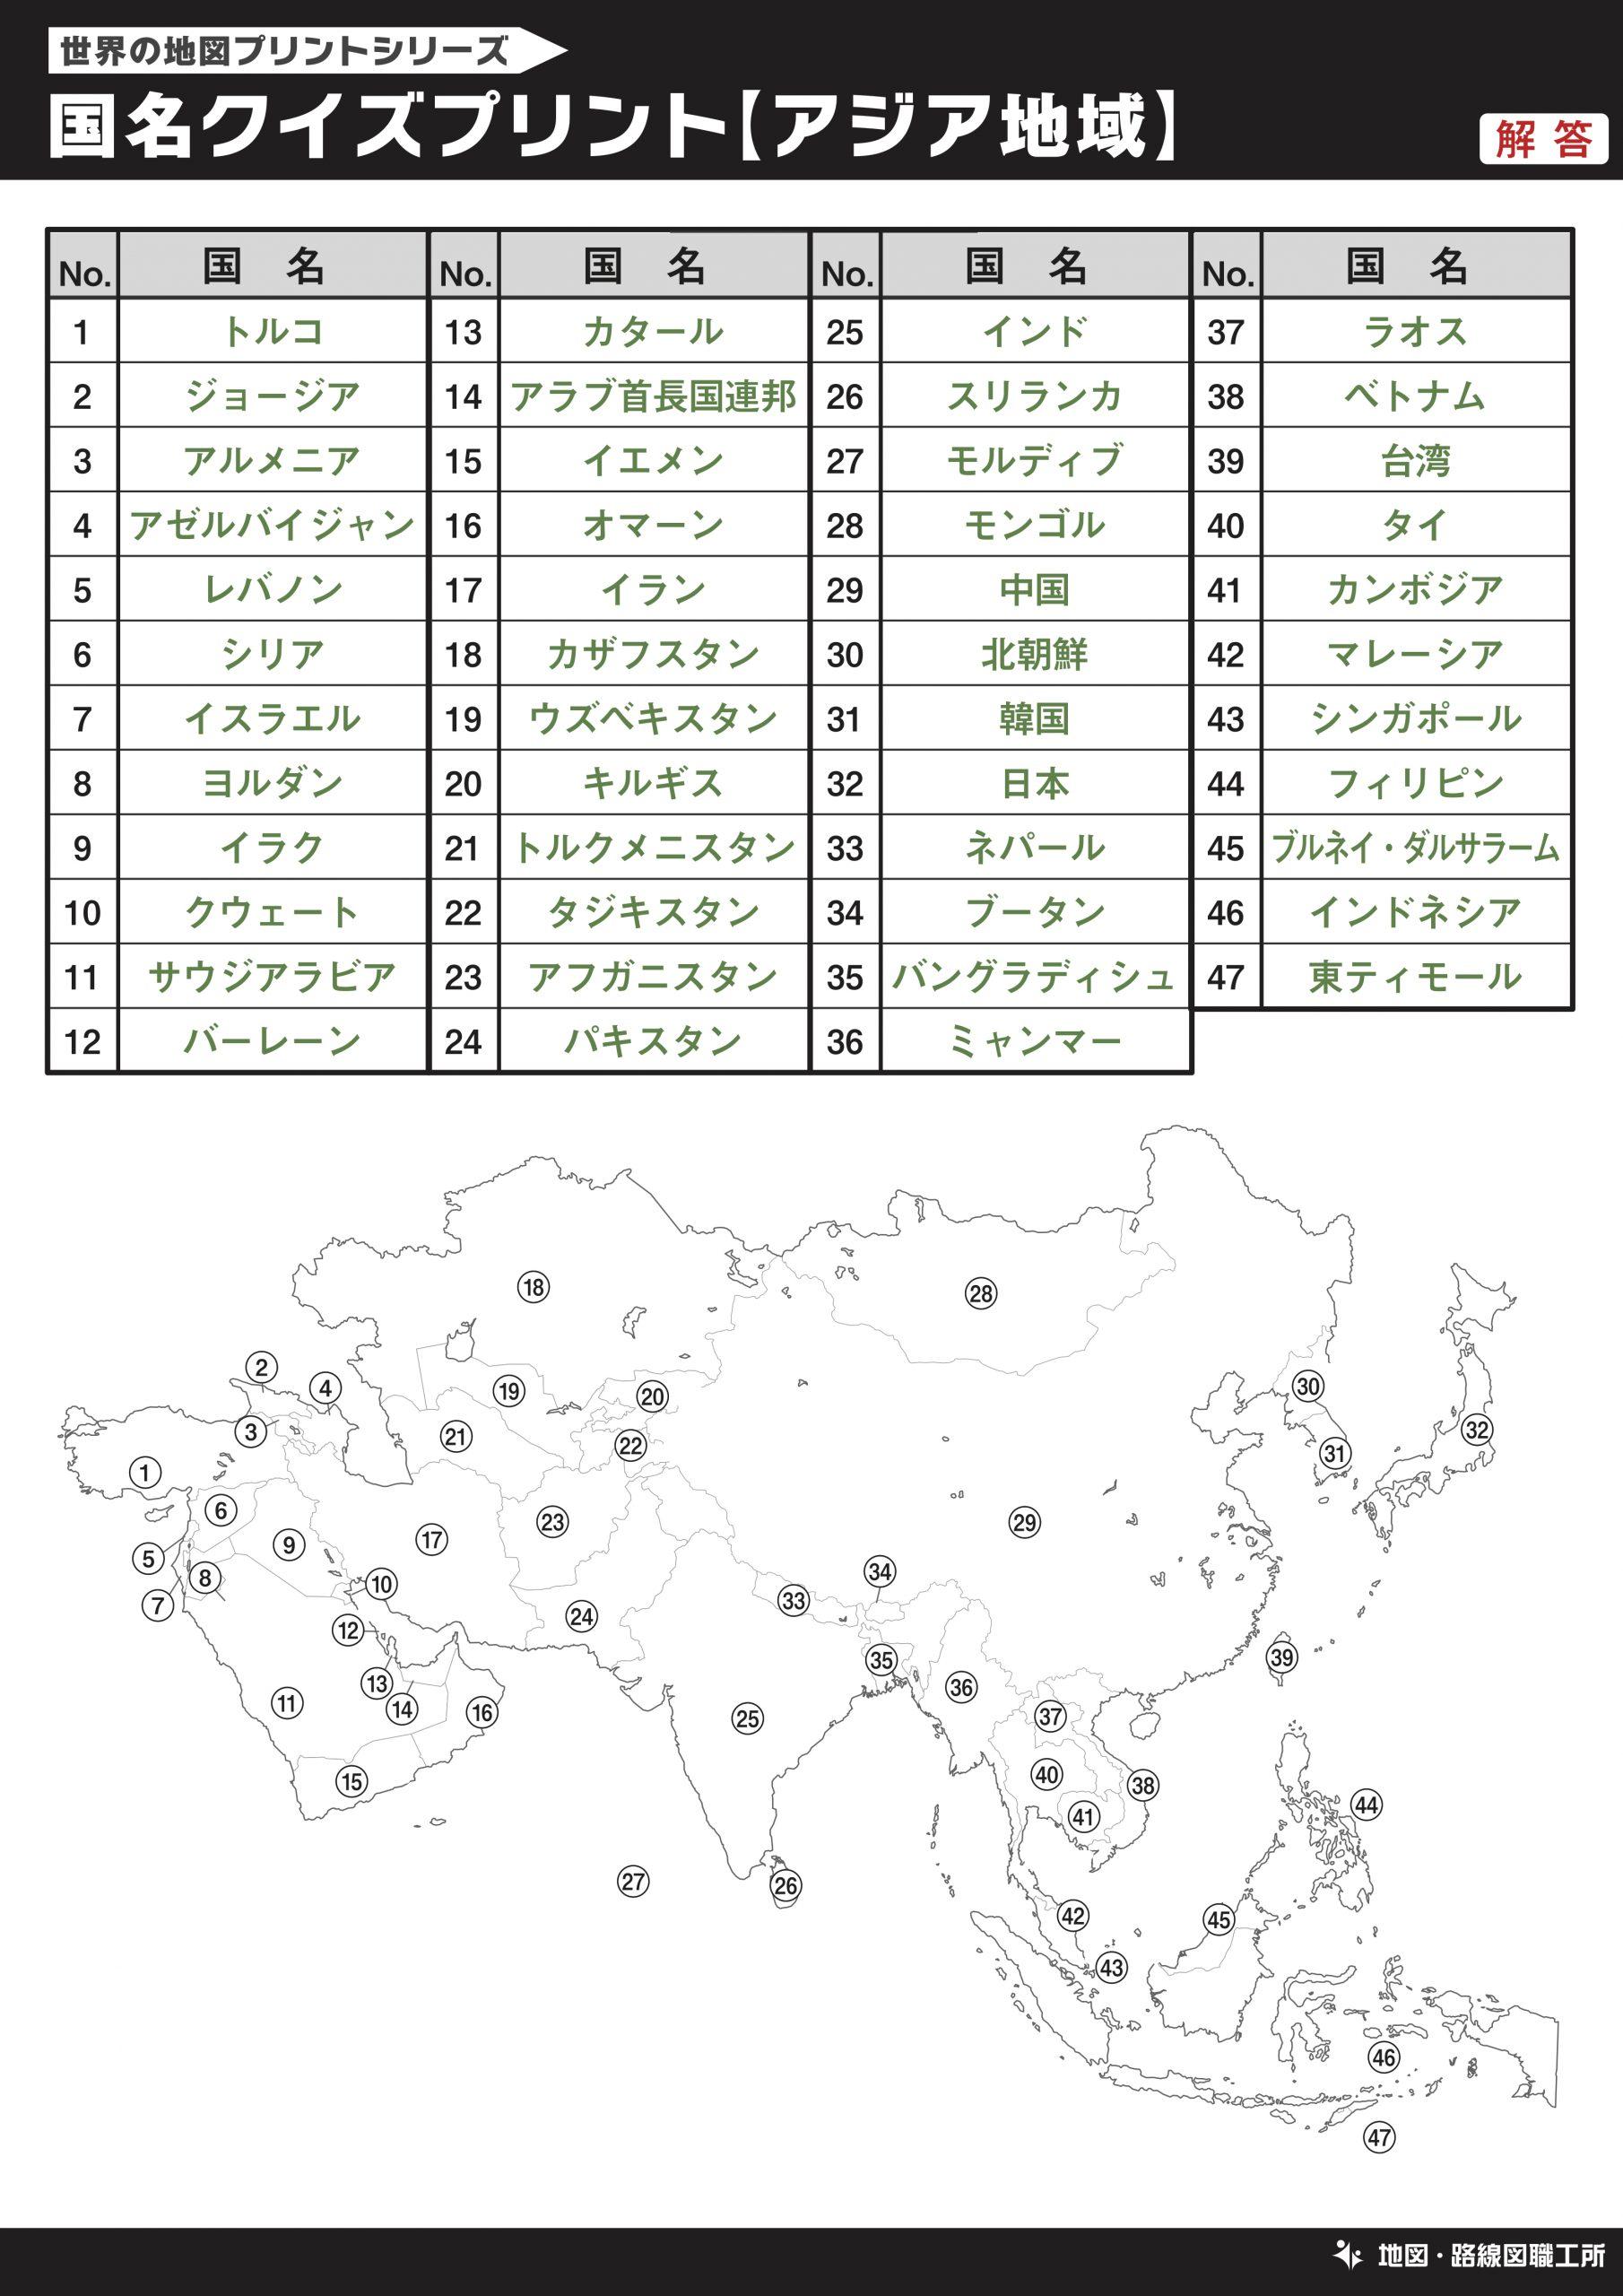 国名クイズプリント【アジア地域】